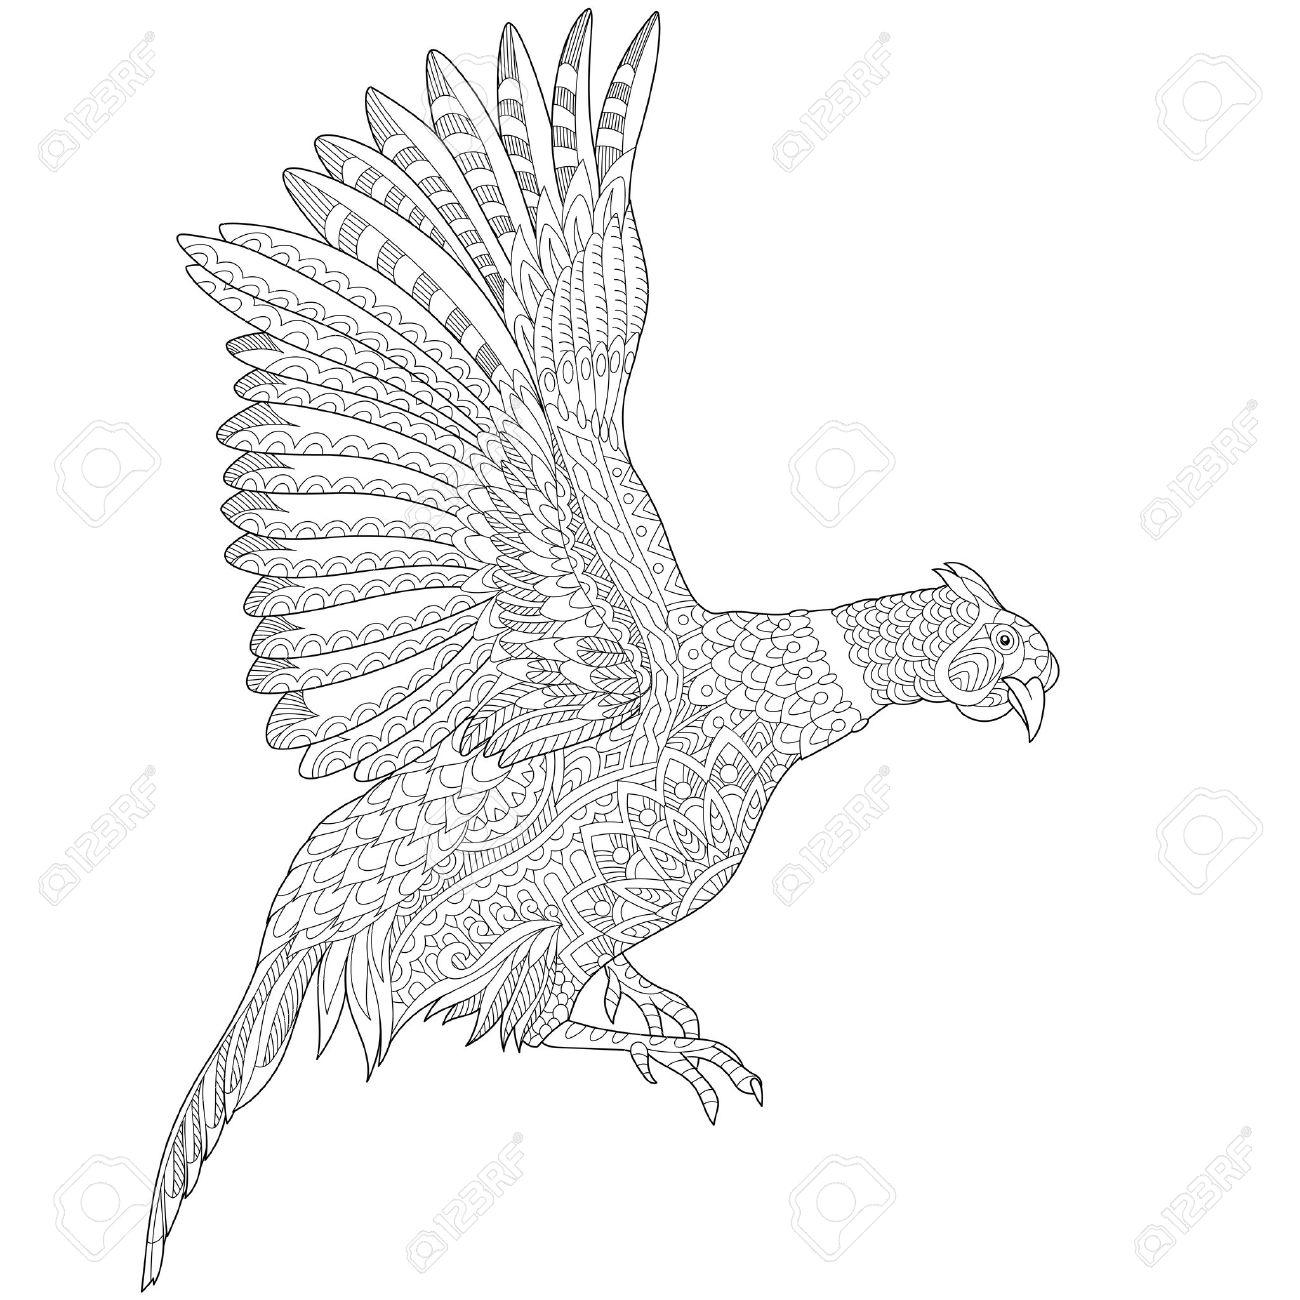 Wunderbar Phoenix Malvorlagen Fotos - Malvorlagen Von Tieren - ngadi ...